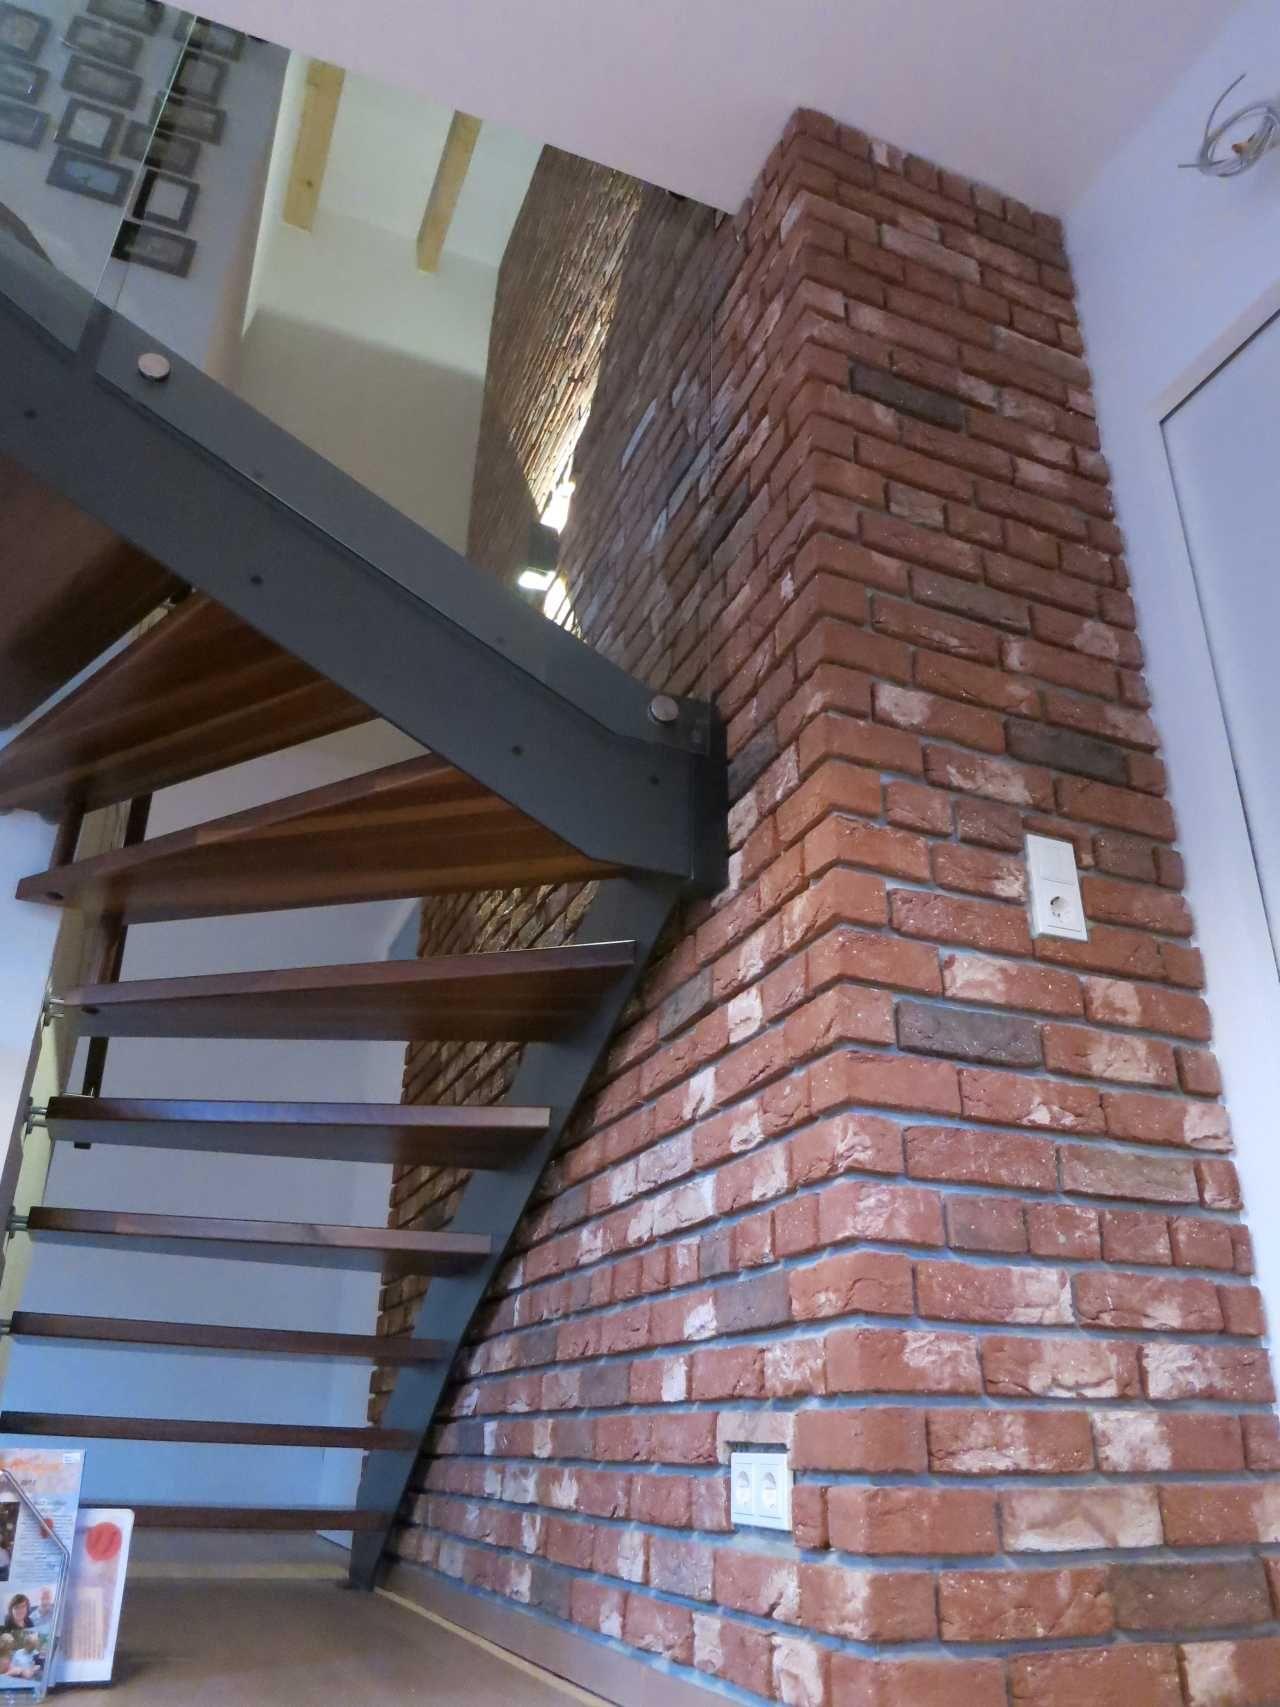 Treppenhaus Wand Mit Klinkerriemchen Bekleidet Ausdrucksstarke